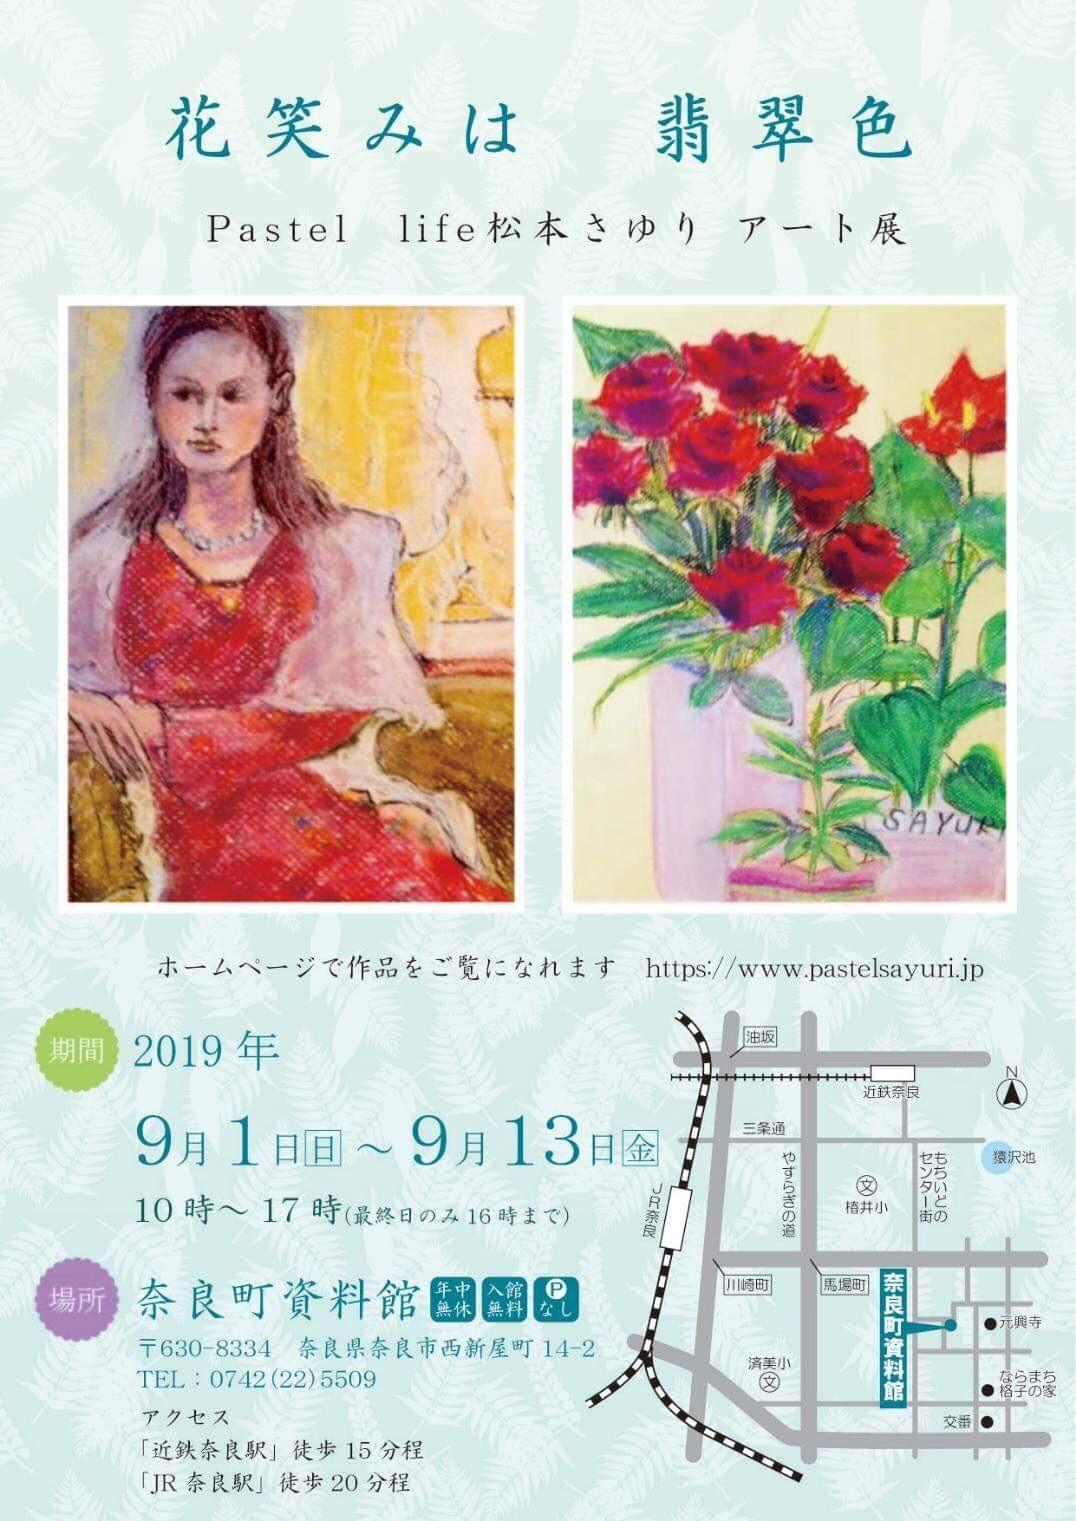 2019年、イベント、奈良県、奈良市、アート、9月、松本さゆり、奈良町資料館、パステルライフ、松本さゆりアート展。